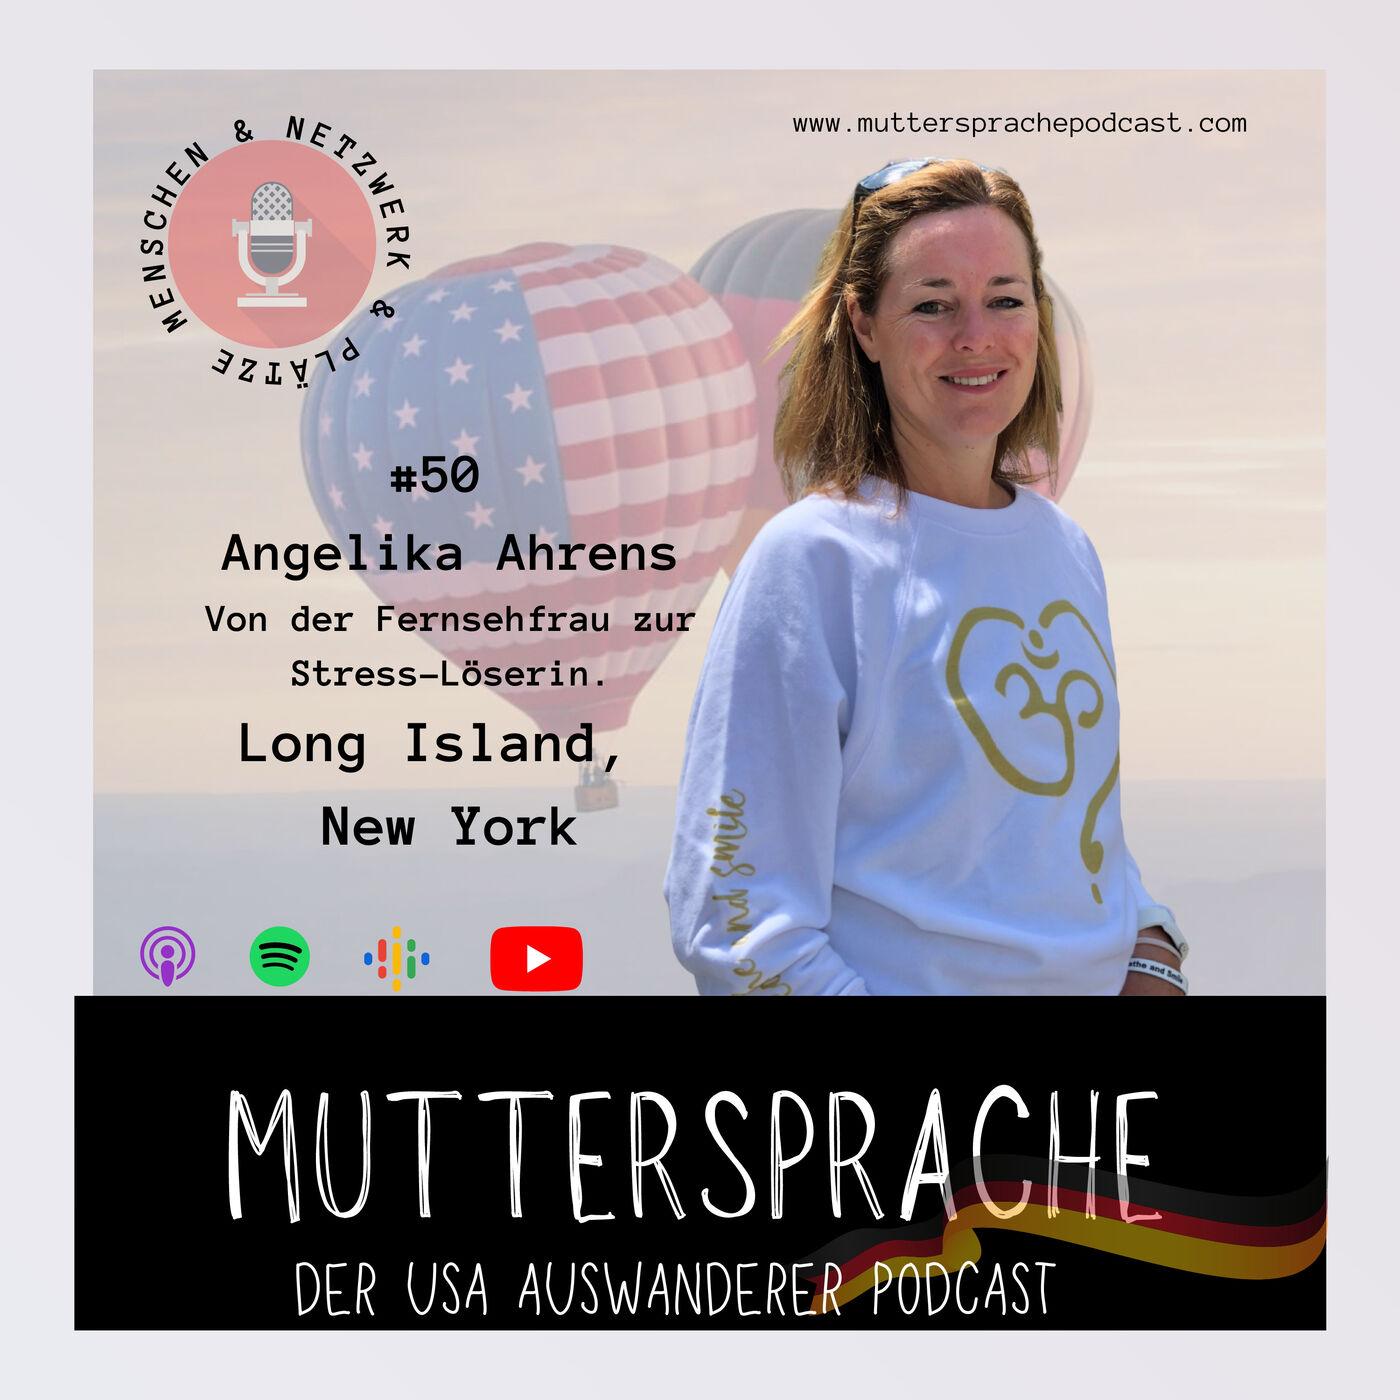 Folge 50: Von der Fernsehfrau zur Stress-Löserin - ANGELIKA AHRENS, Long Island New York